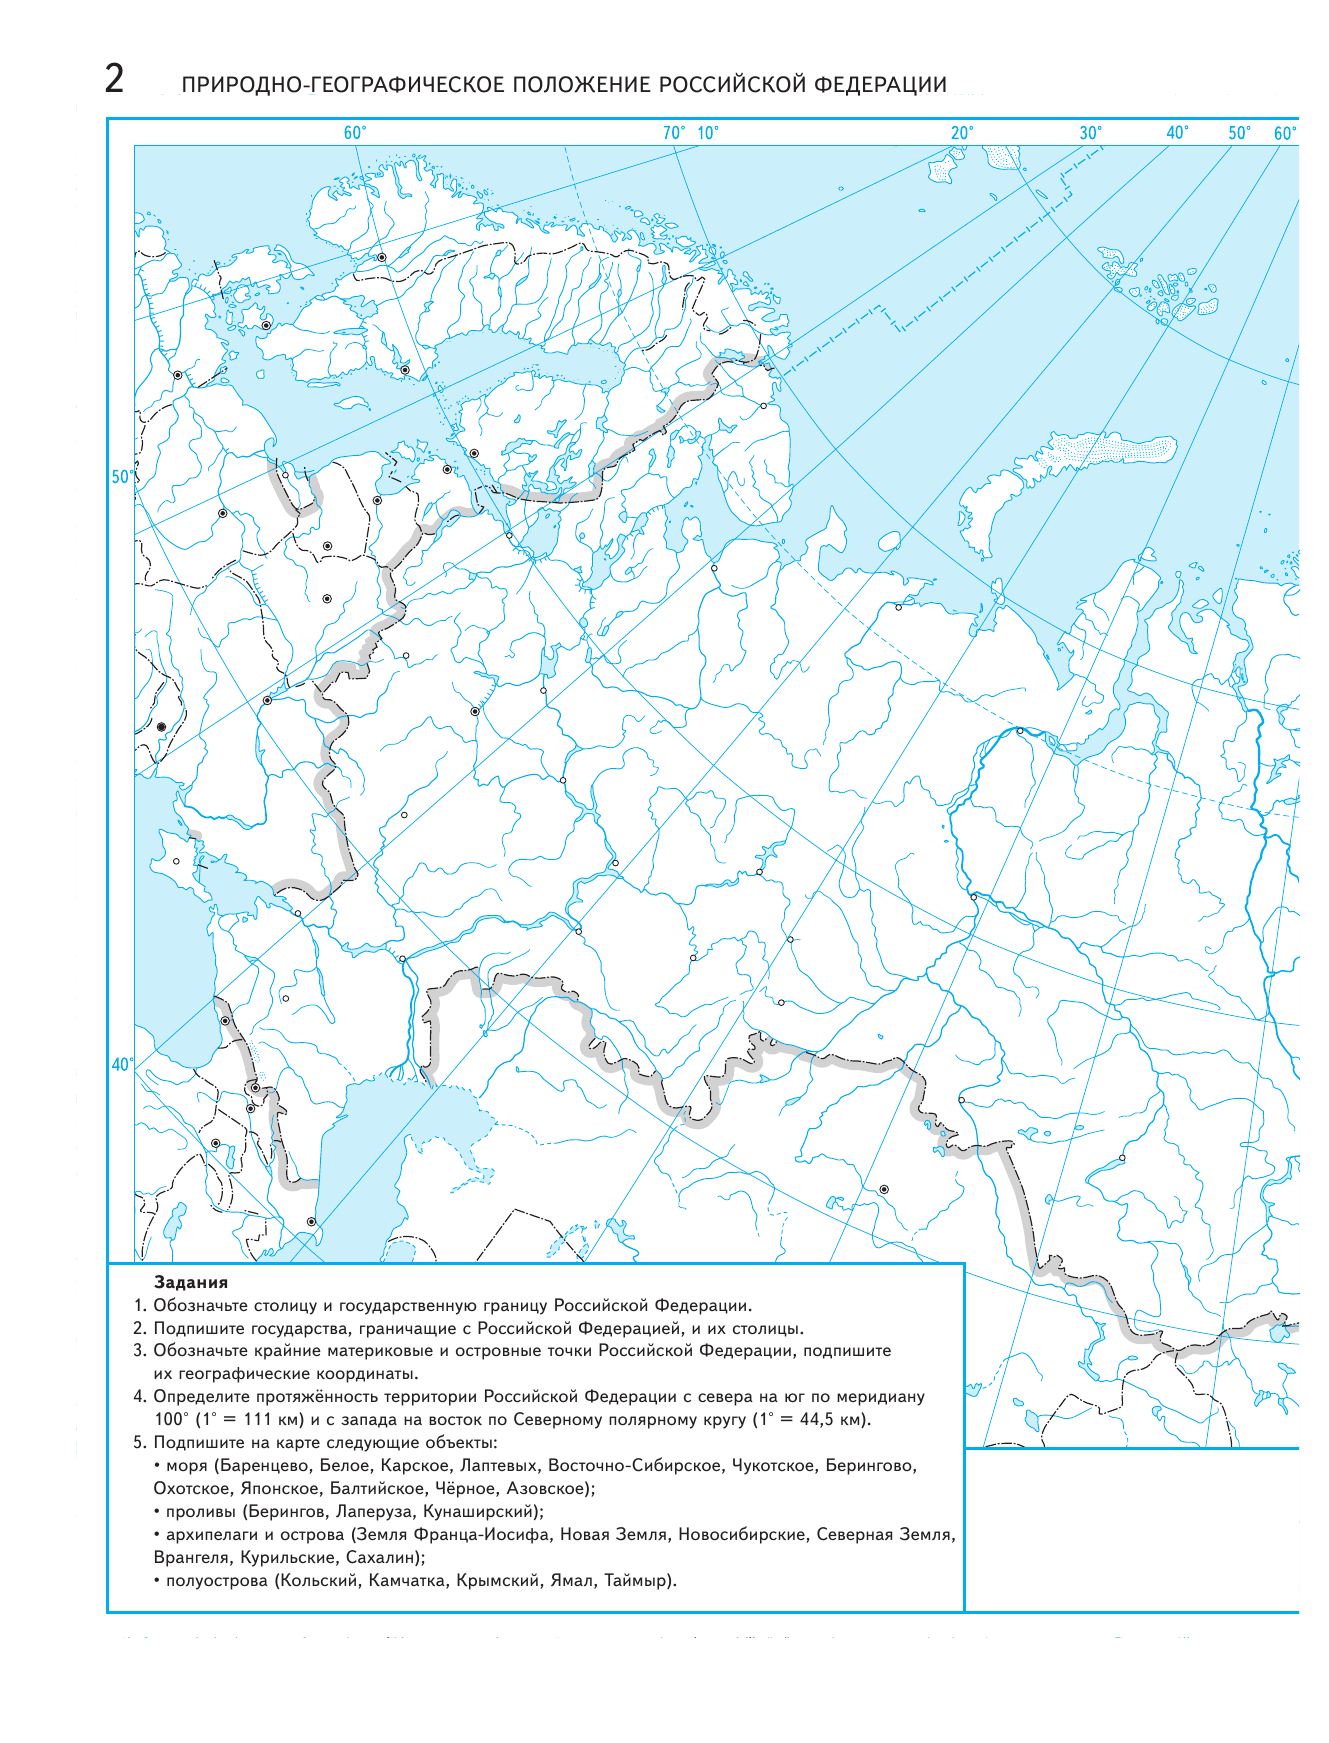 Gdz geo контурная карта по географии 8 класс